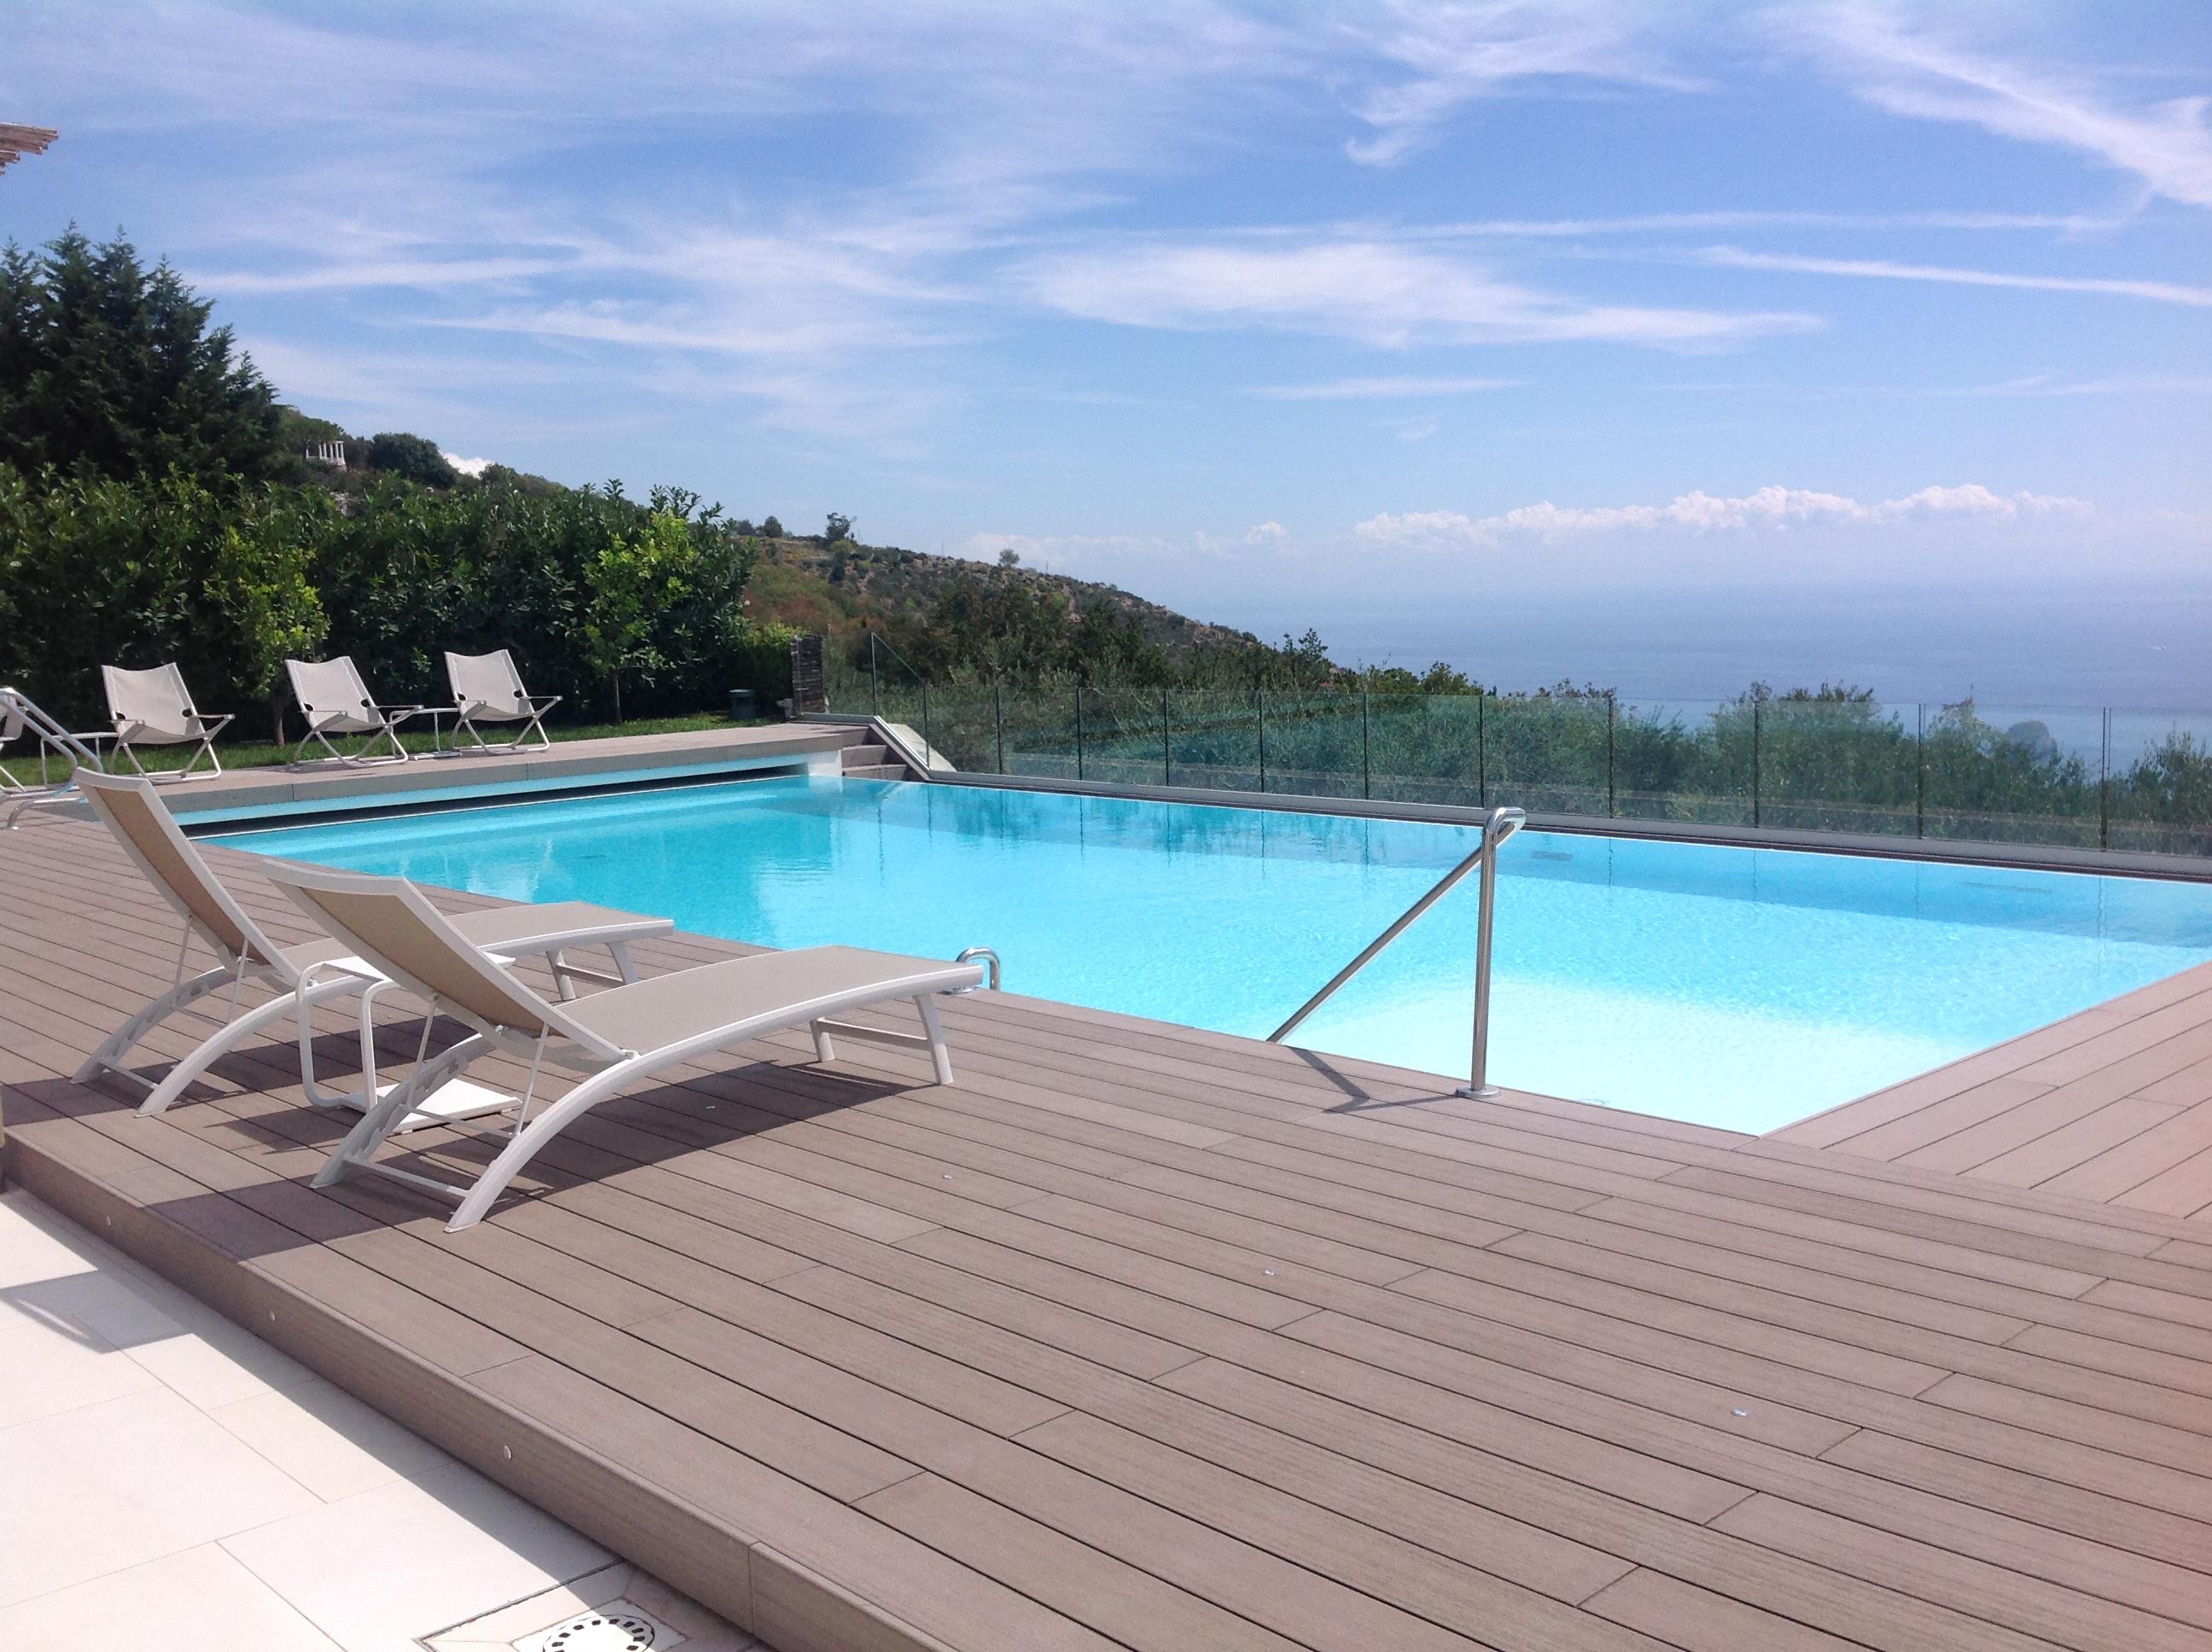 La piscina dei tuoi sogni, cosa occorre per averne una